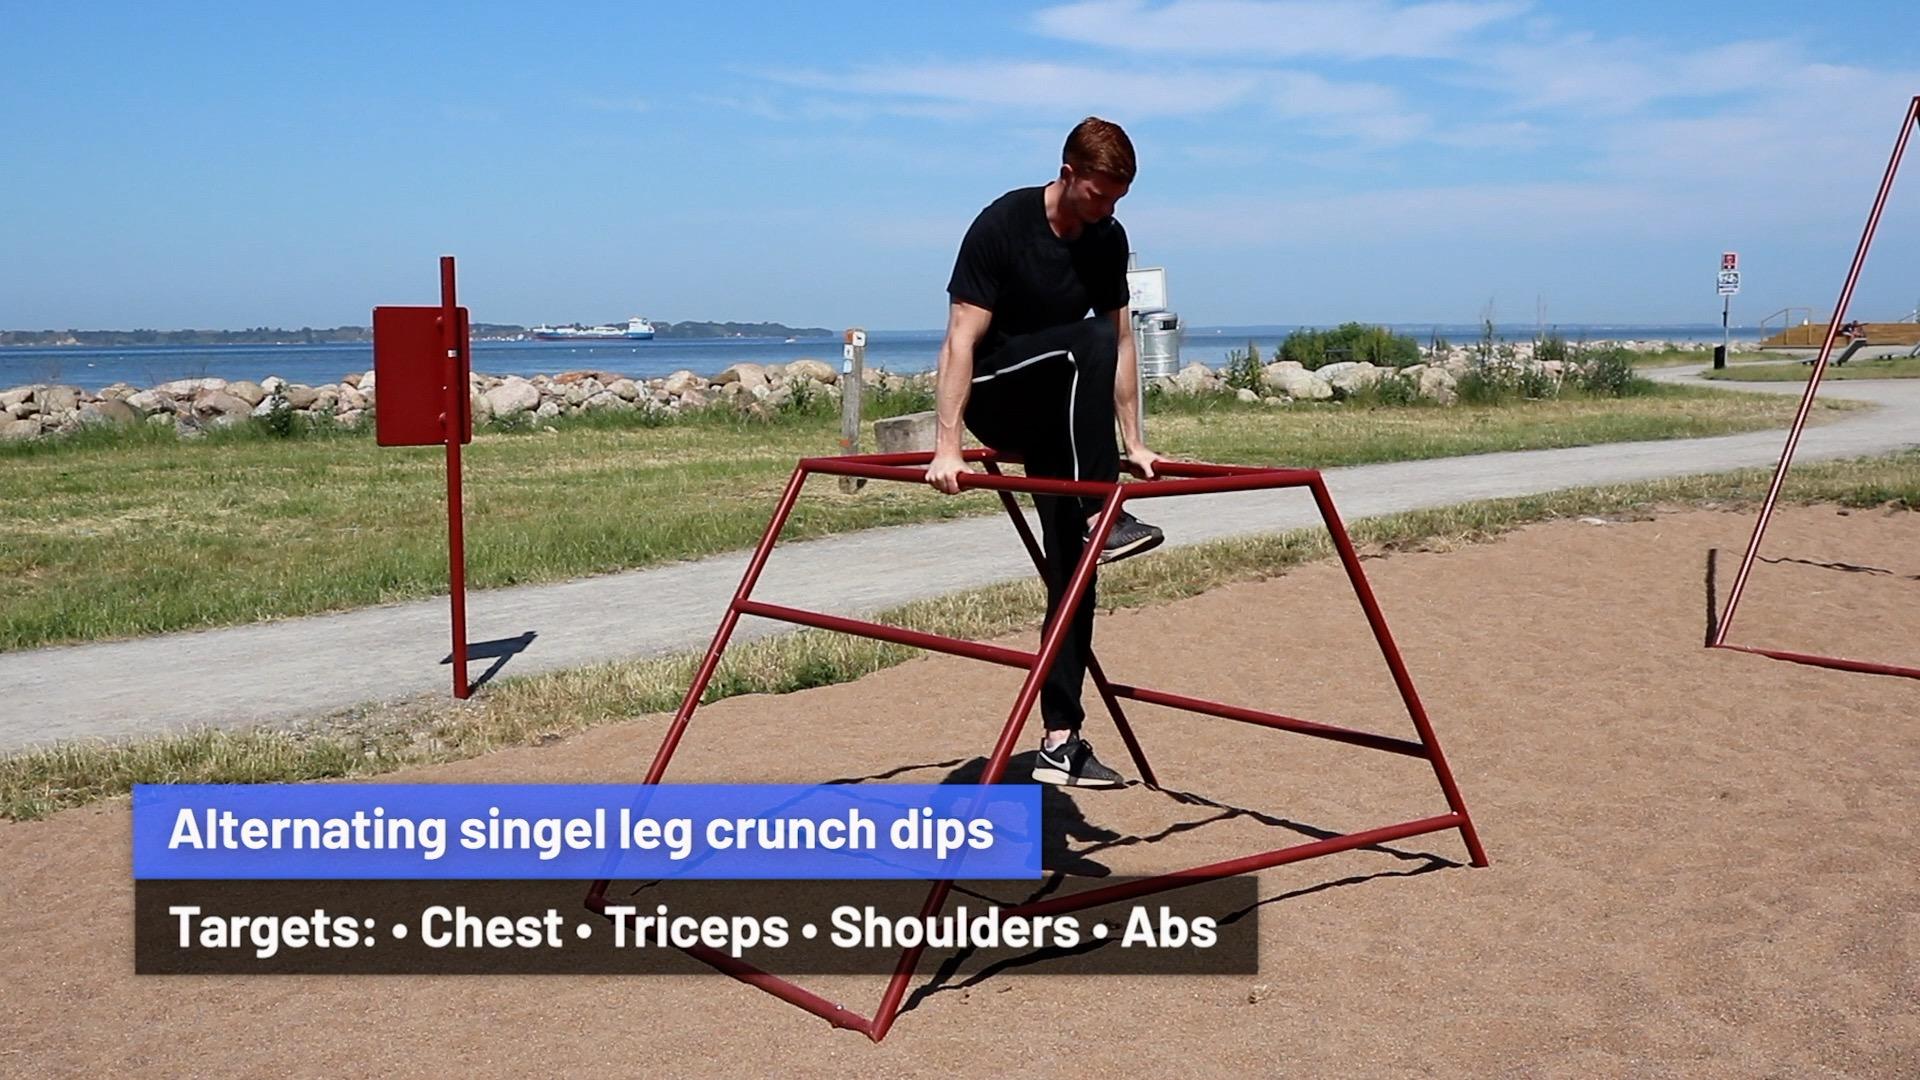 Alternating single leg crunch dips